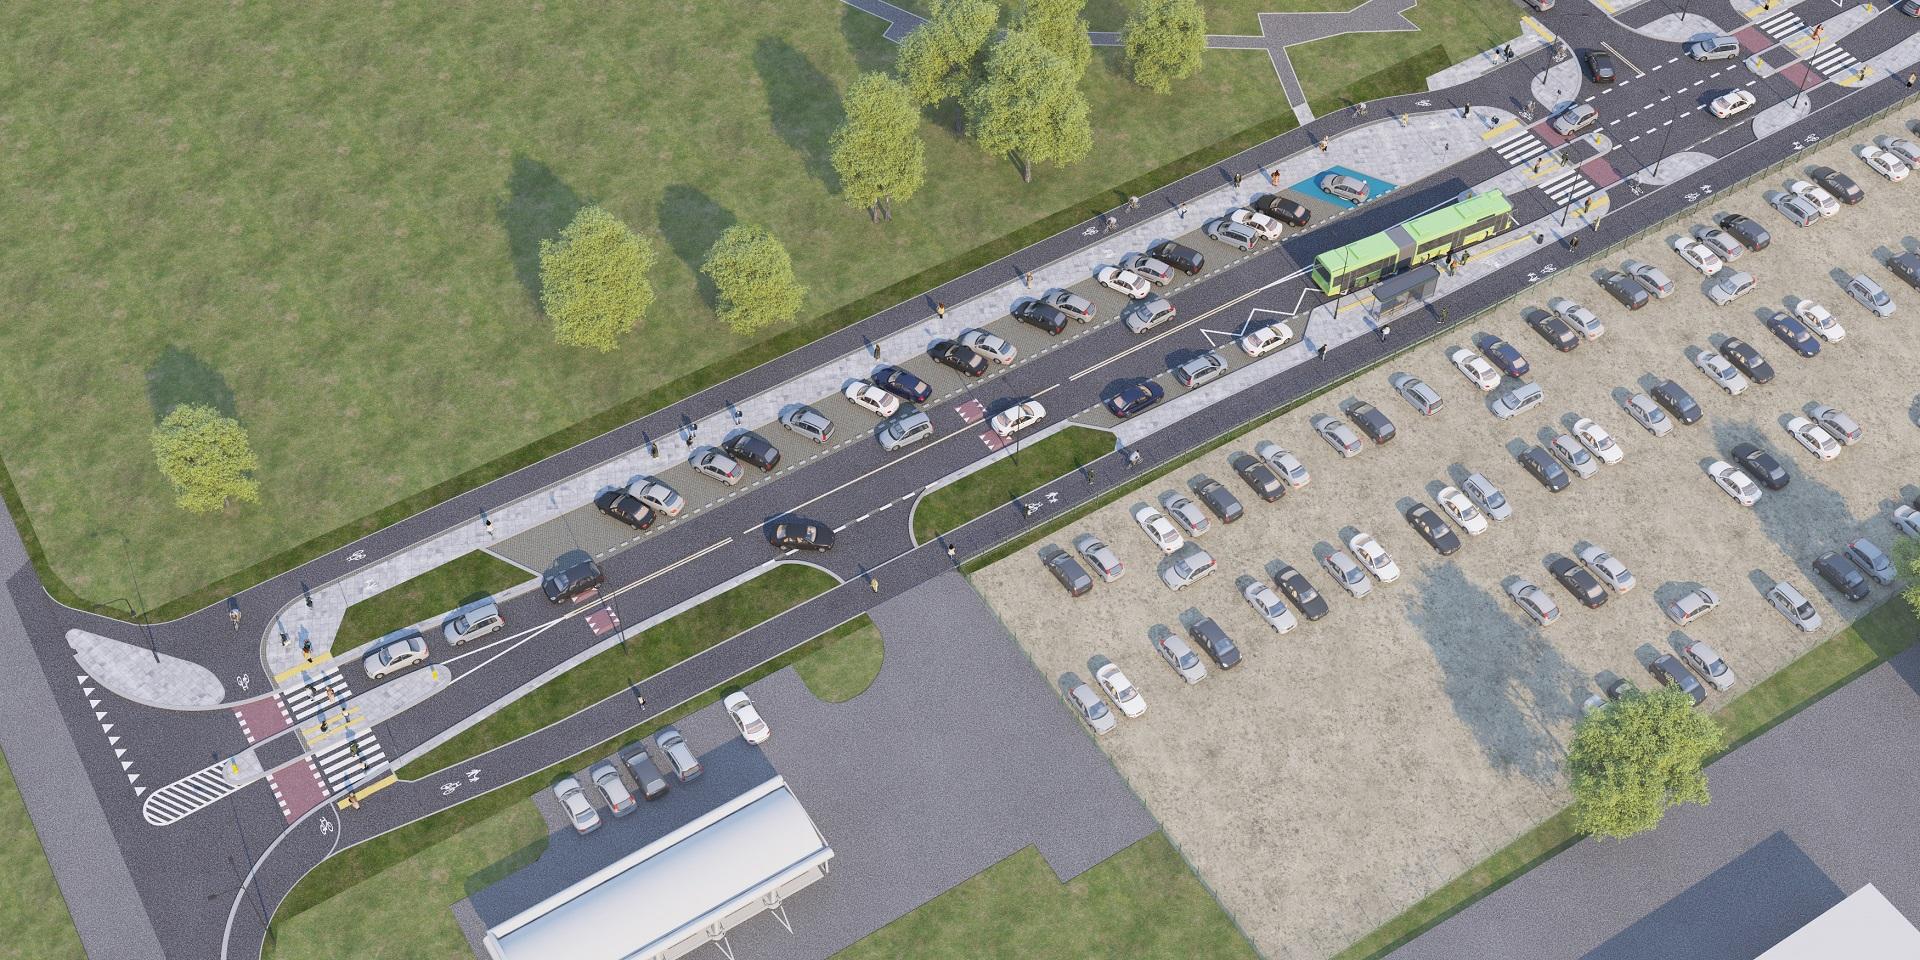 Zwycięzca przetargu wybuduje torowisko, pętlę tramwajowo-autobusową, przystanki tramwajowe i autobusowe (fot.poznan.pl)